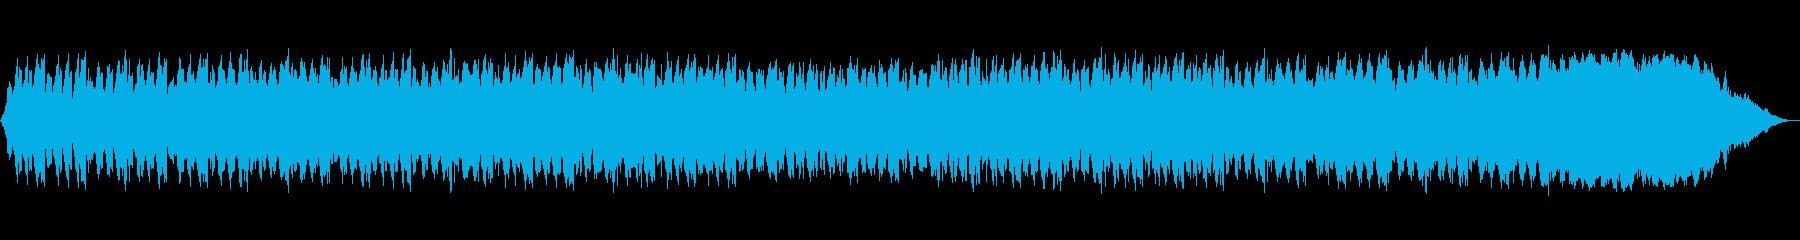 水の中の再生済みの波形